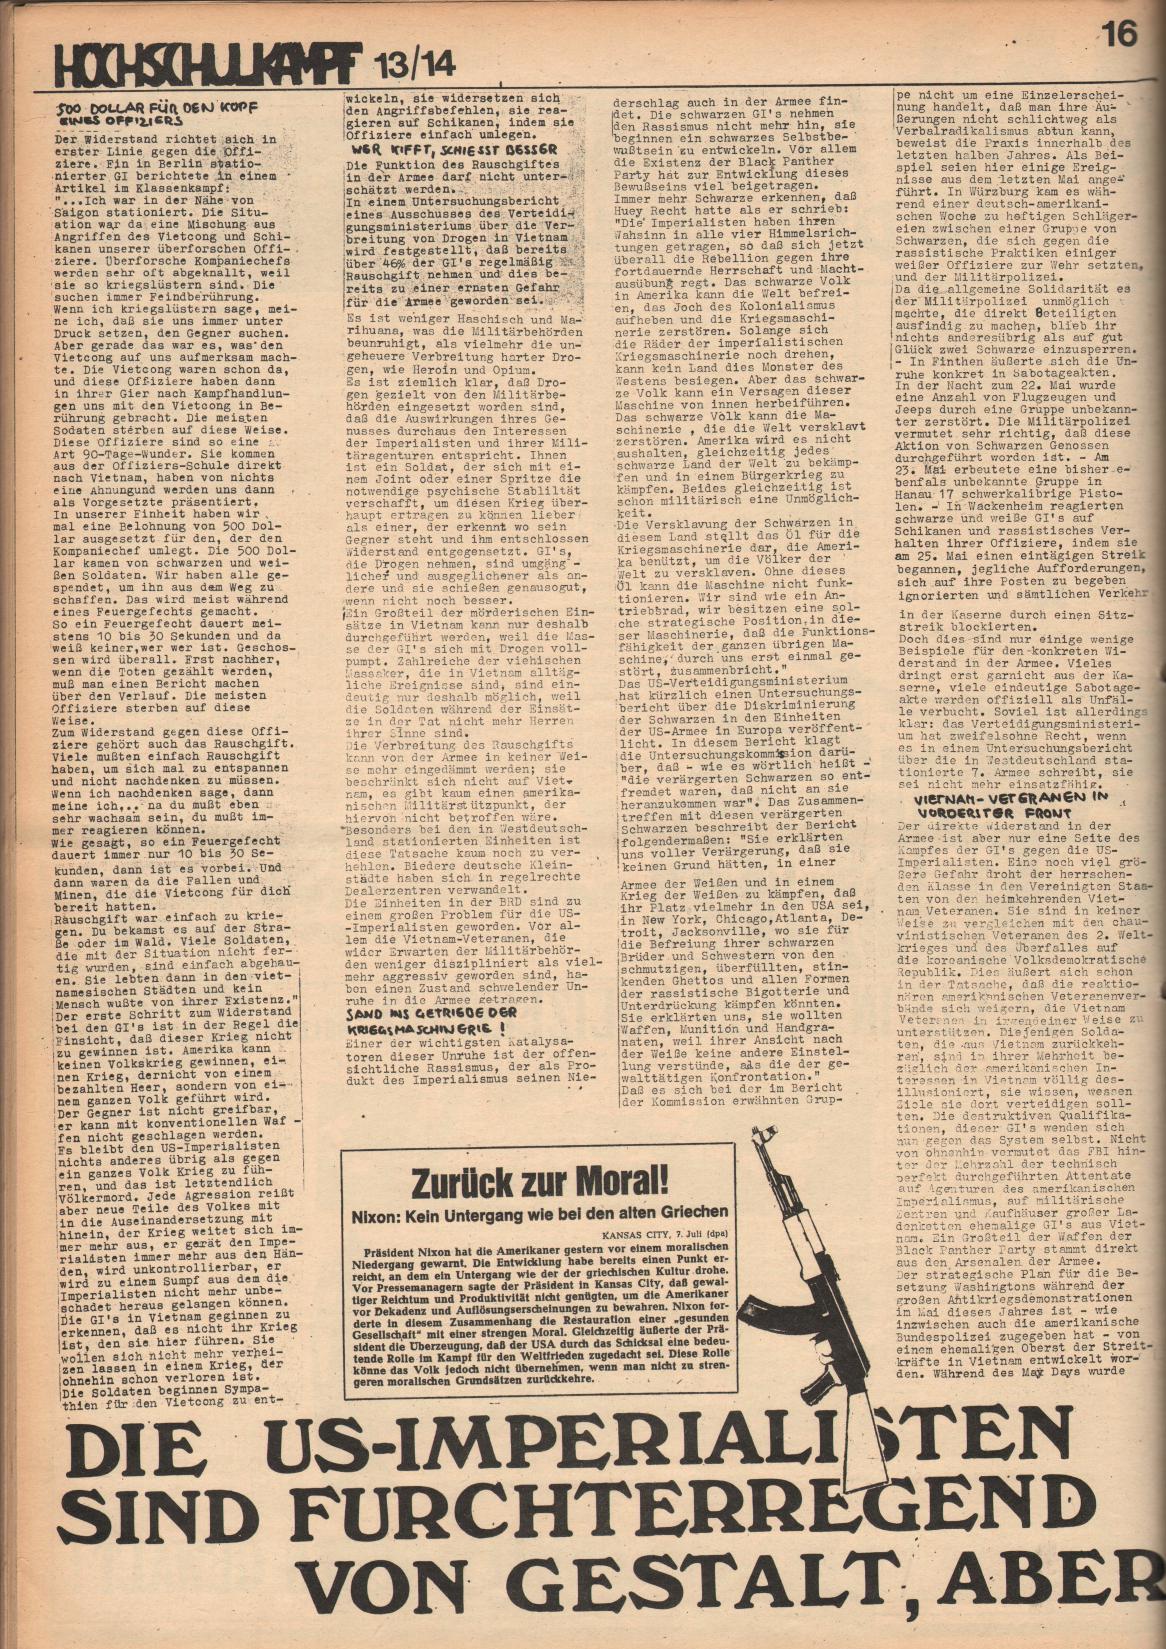 Berlin_Hochschulkampf_1971_13_16a